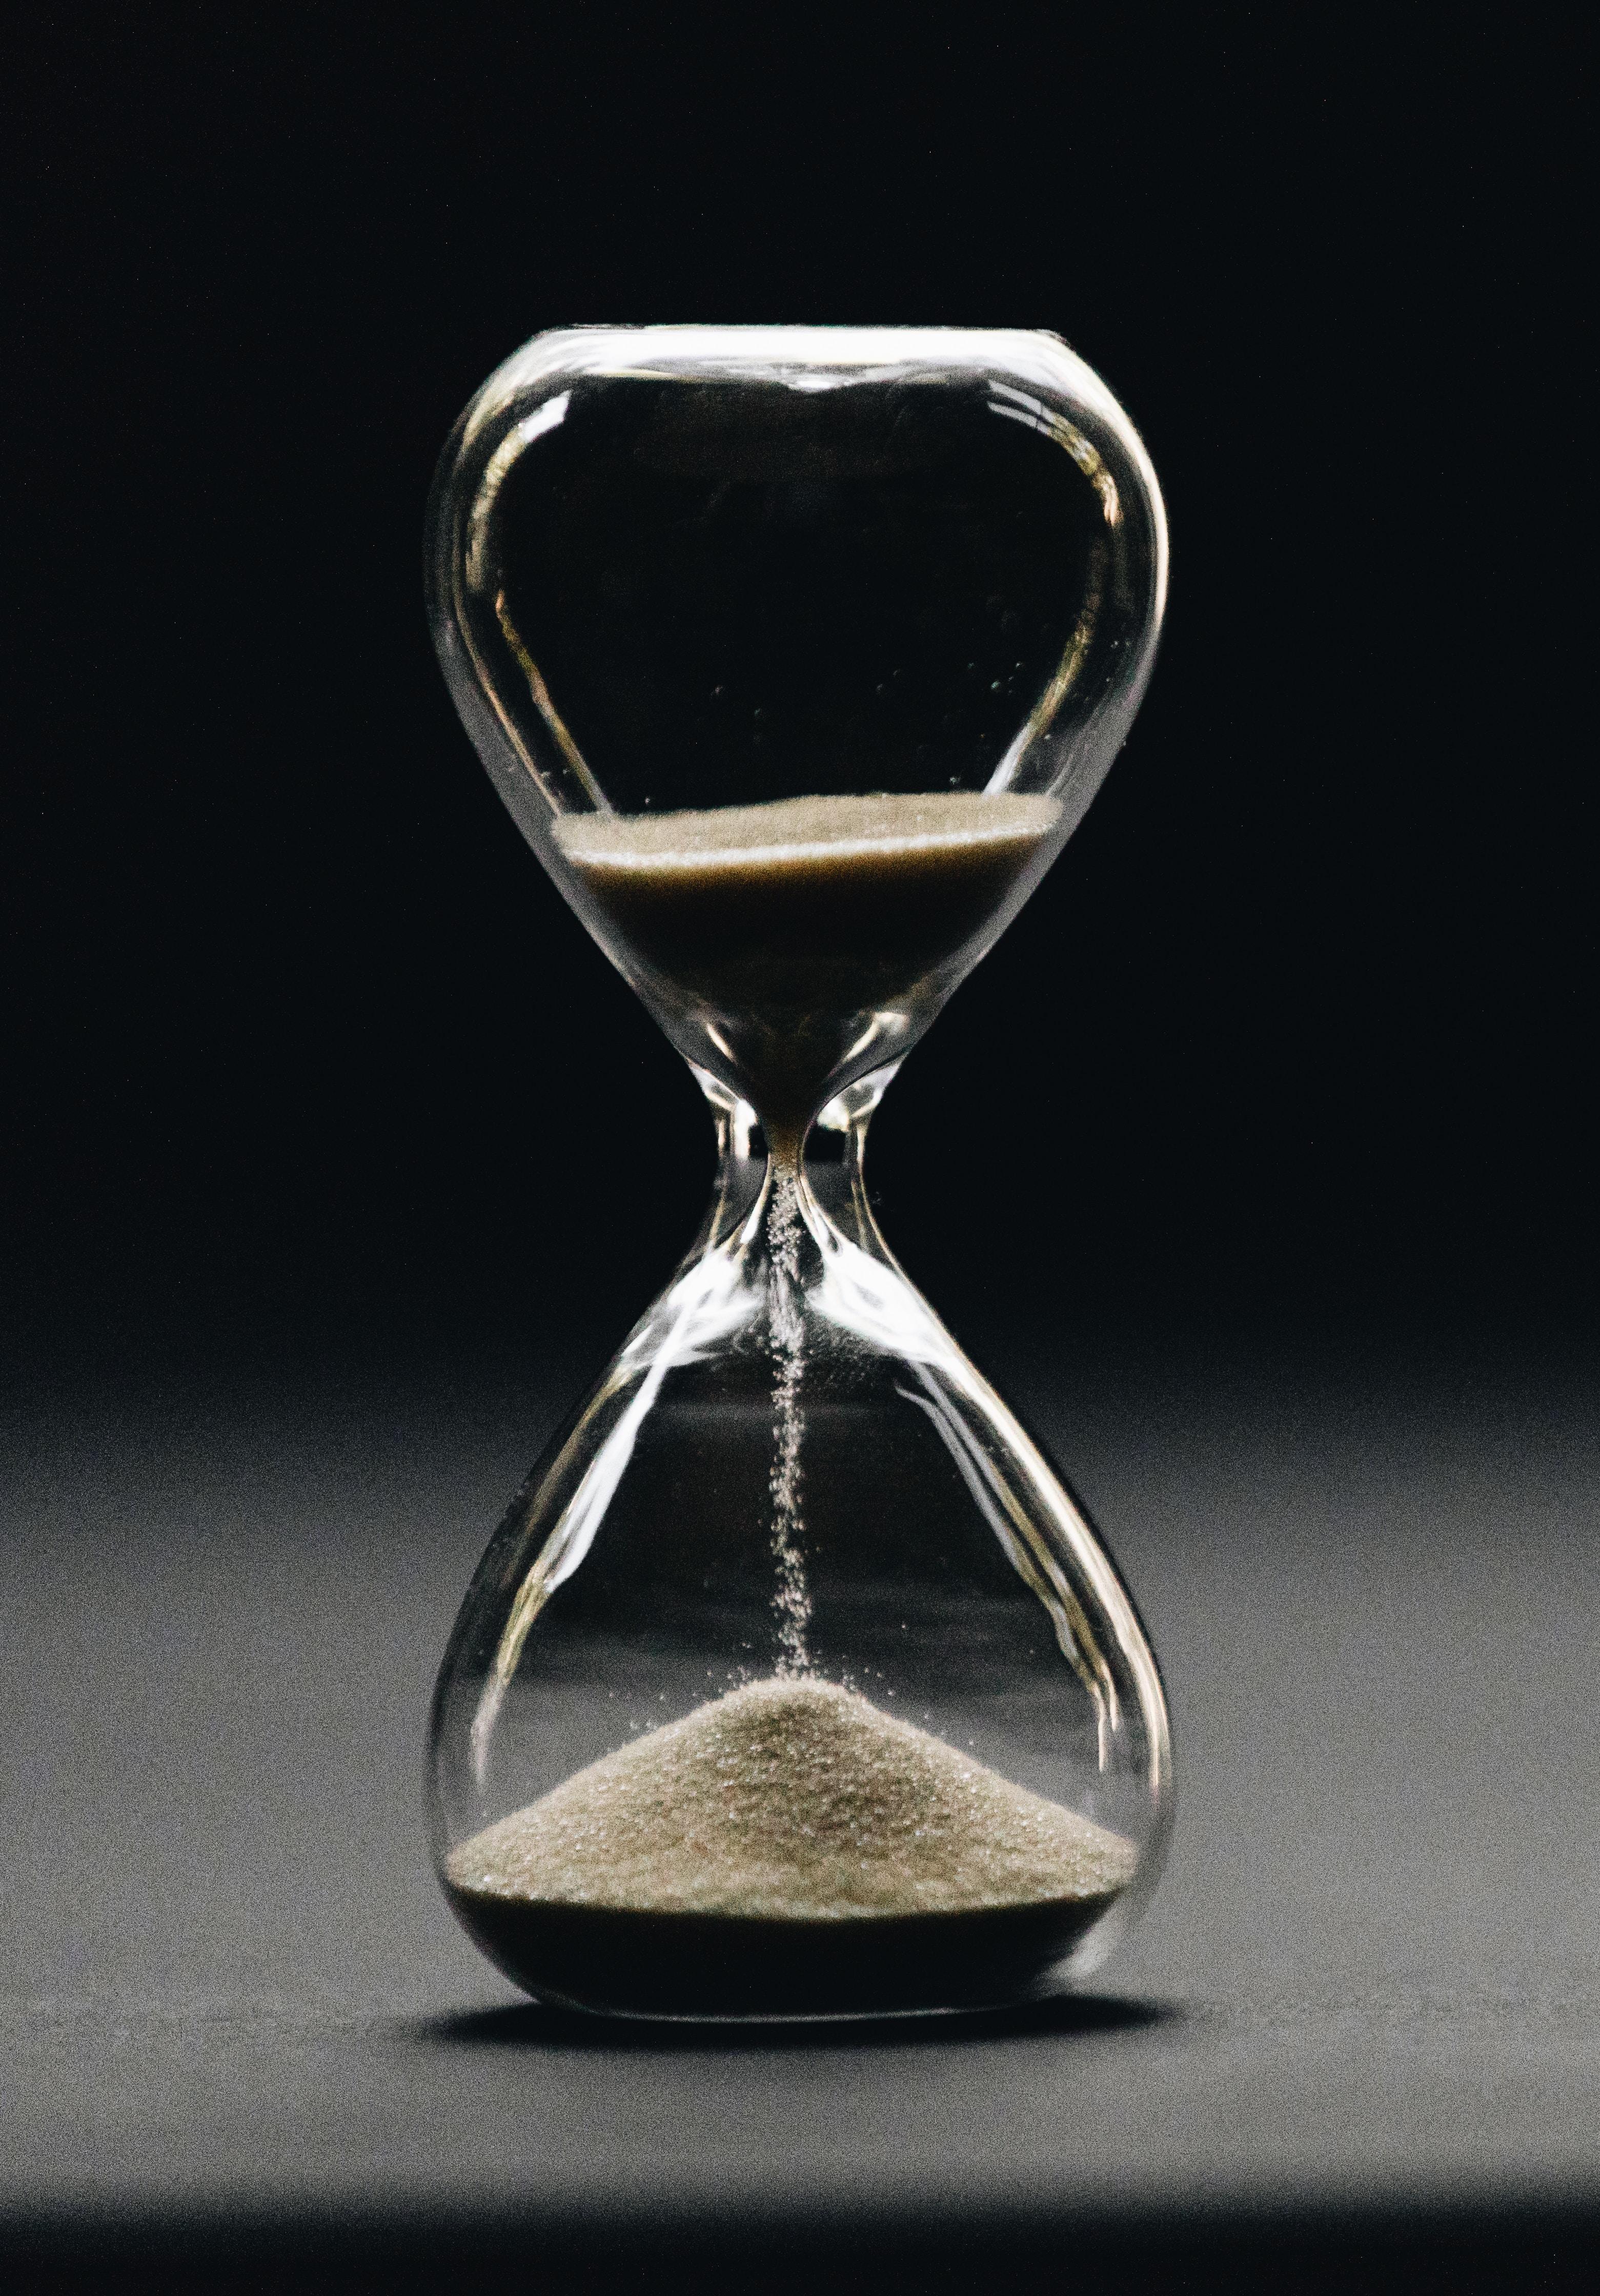 флегматичны картинки песочных часов на аву день похорон